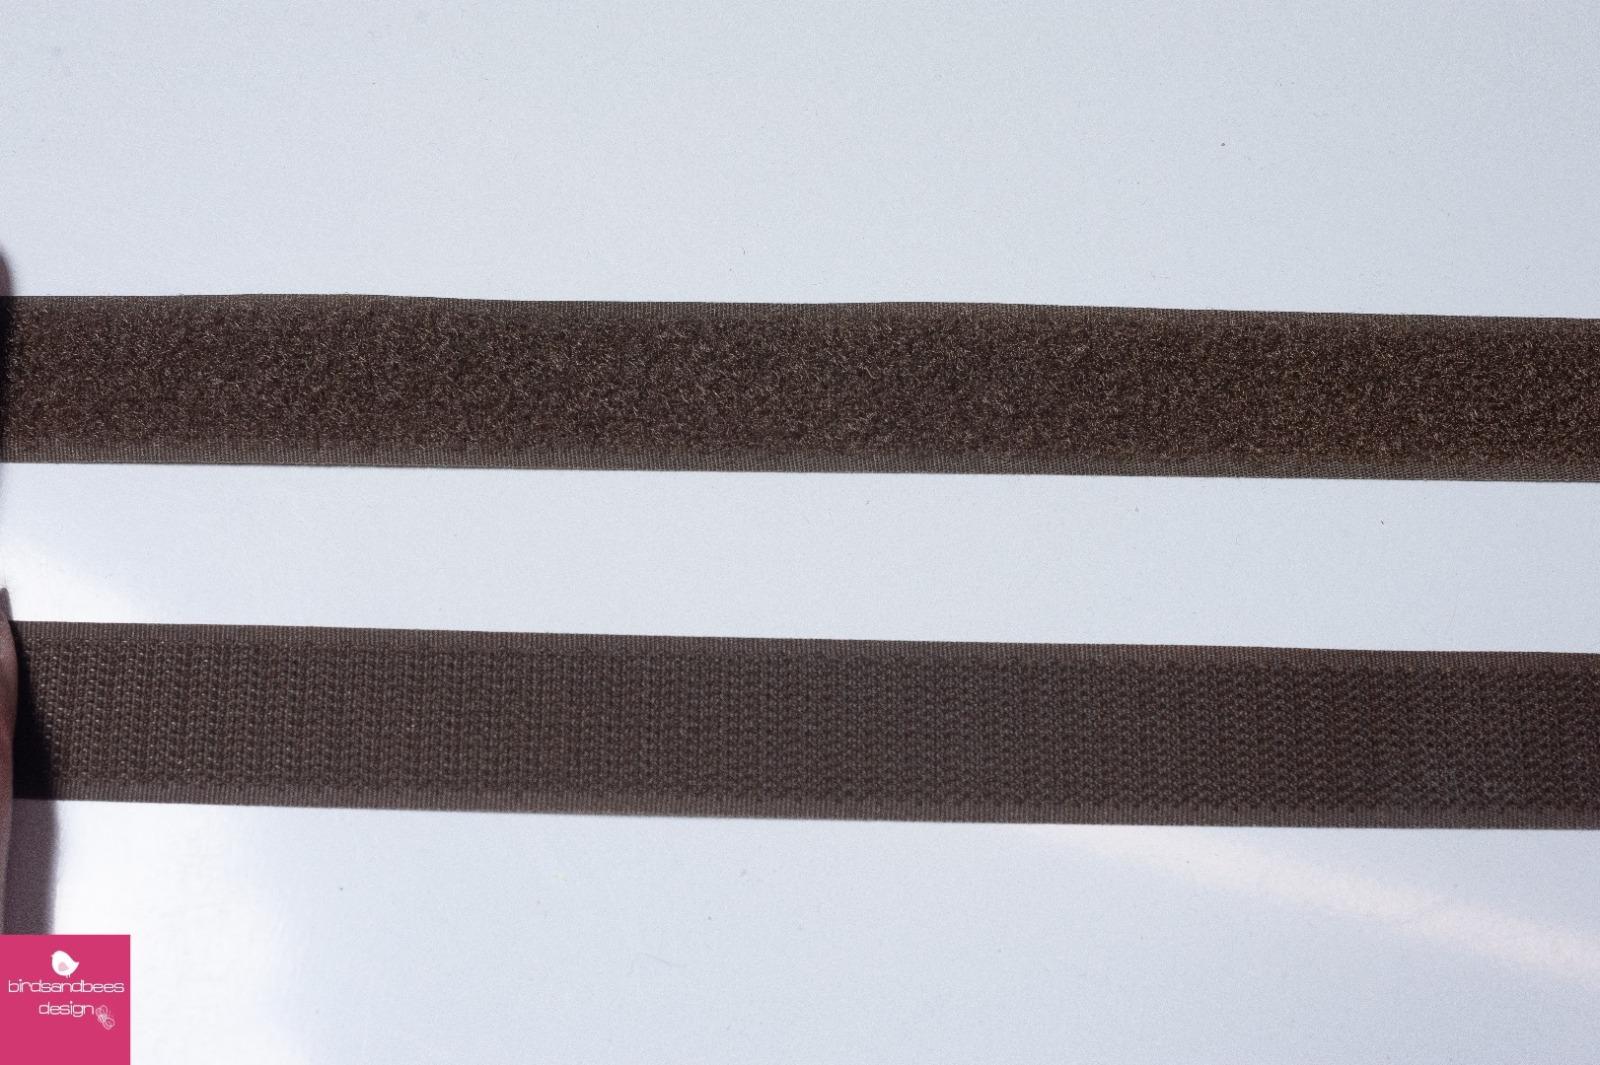 Klettband 1m 25mm - Braun